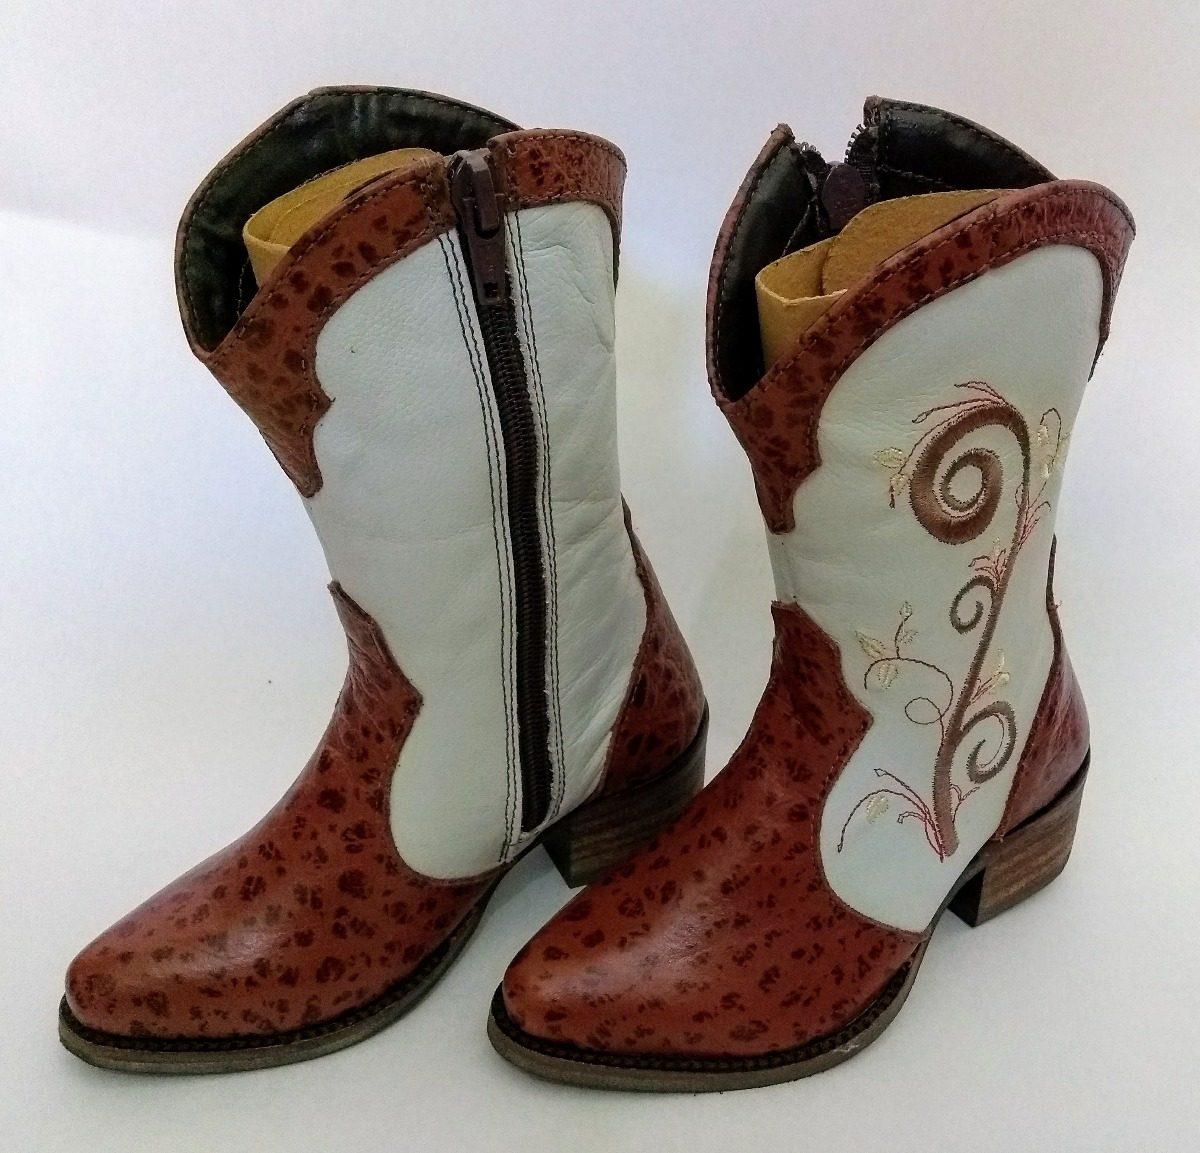 9f2e1eca7a bota texana feminina infantil bordada - preço de custo. Carregando zoom.